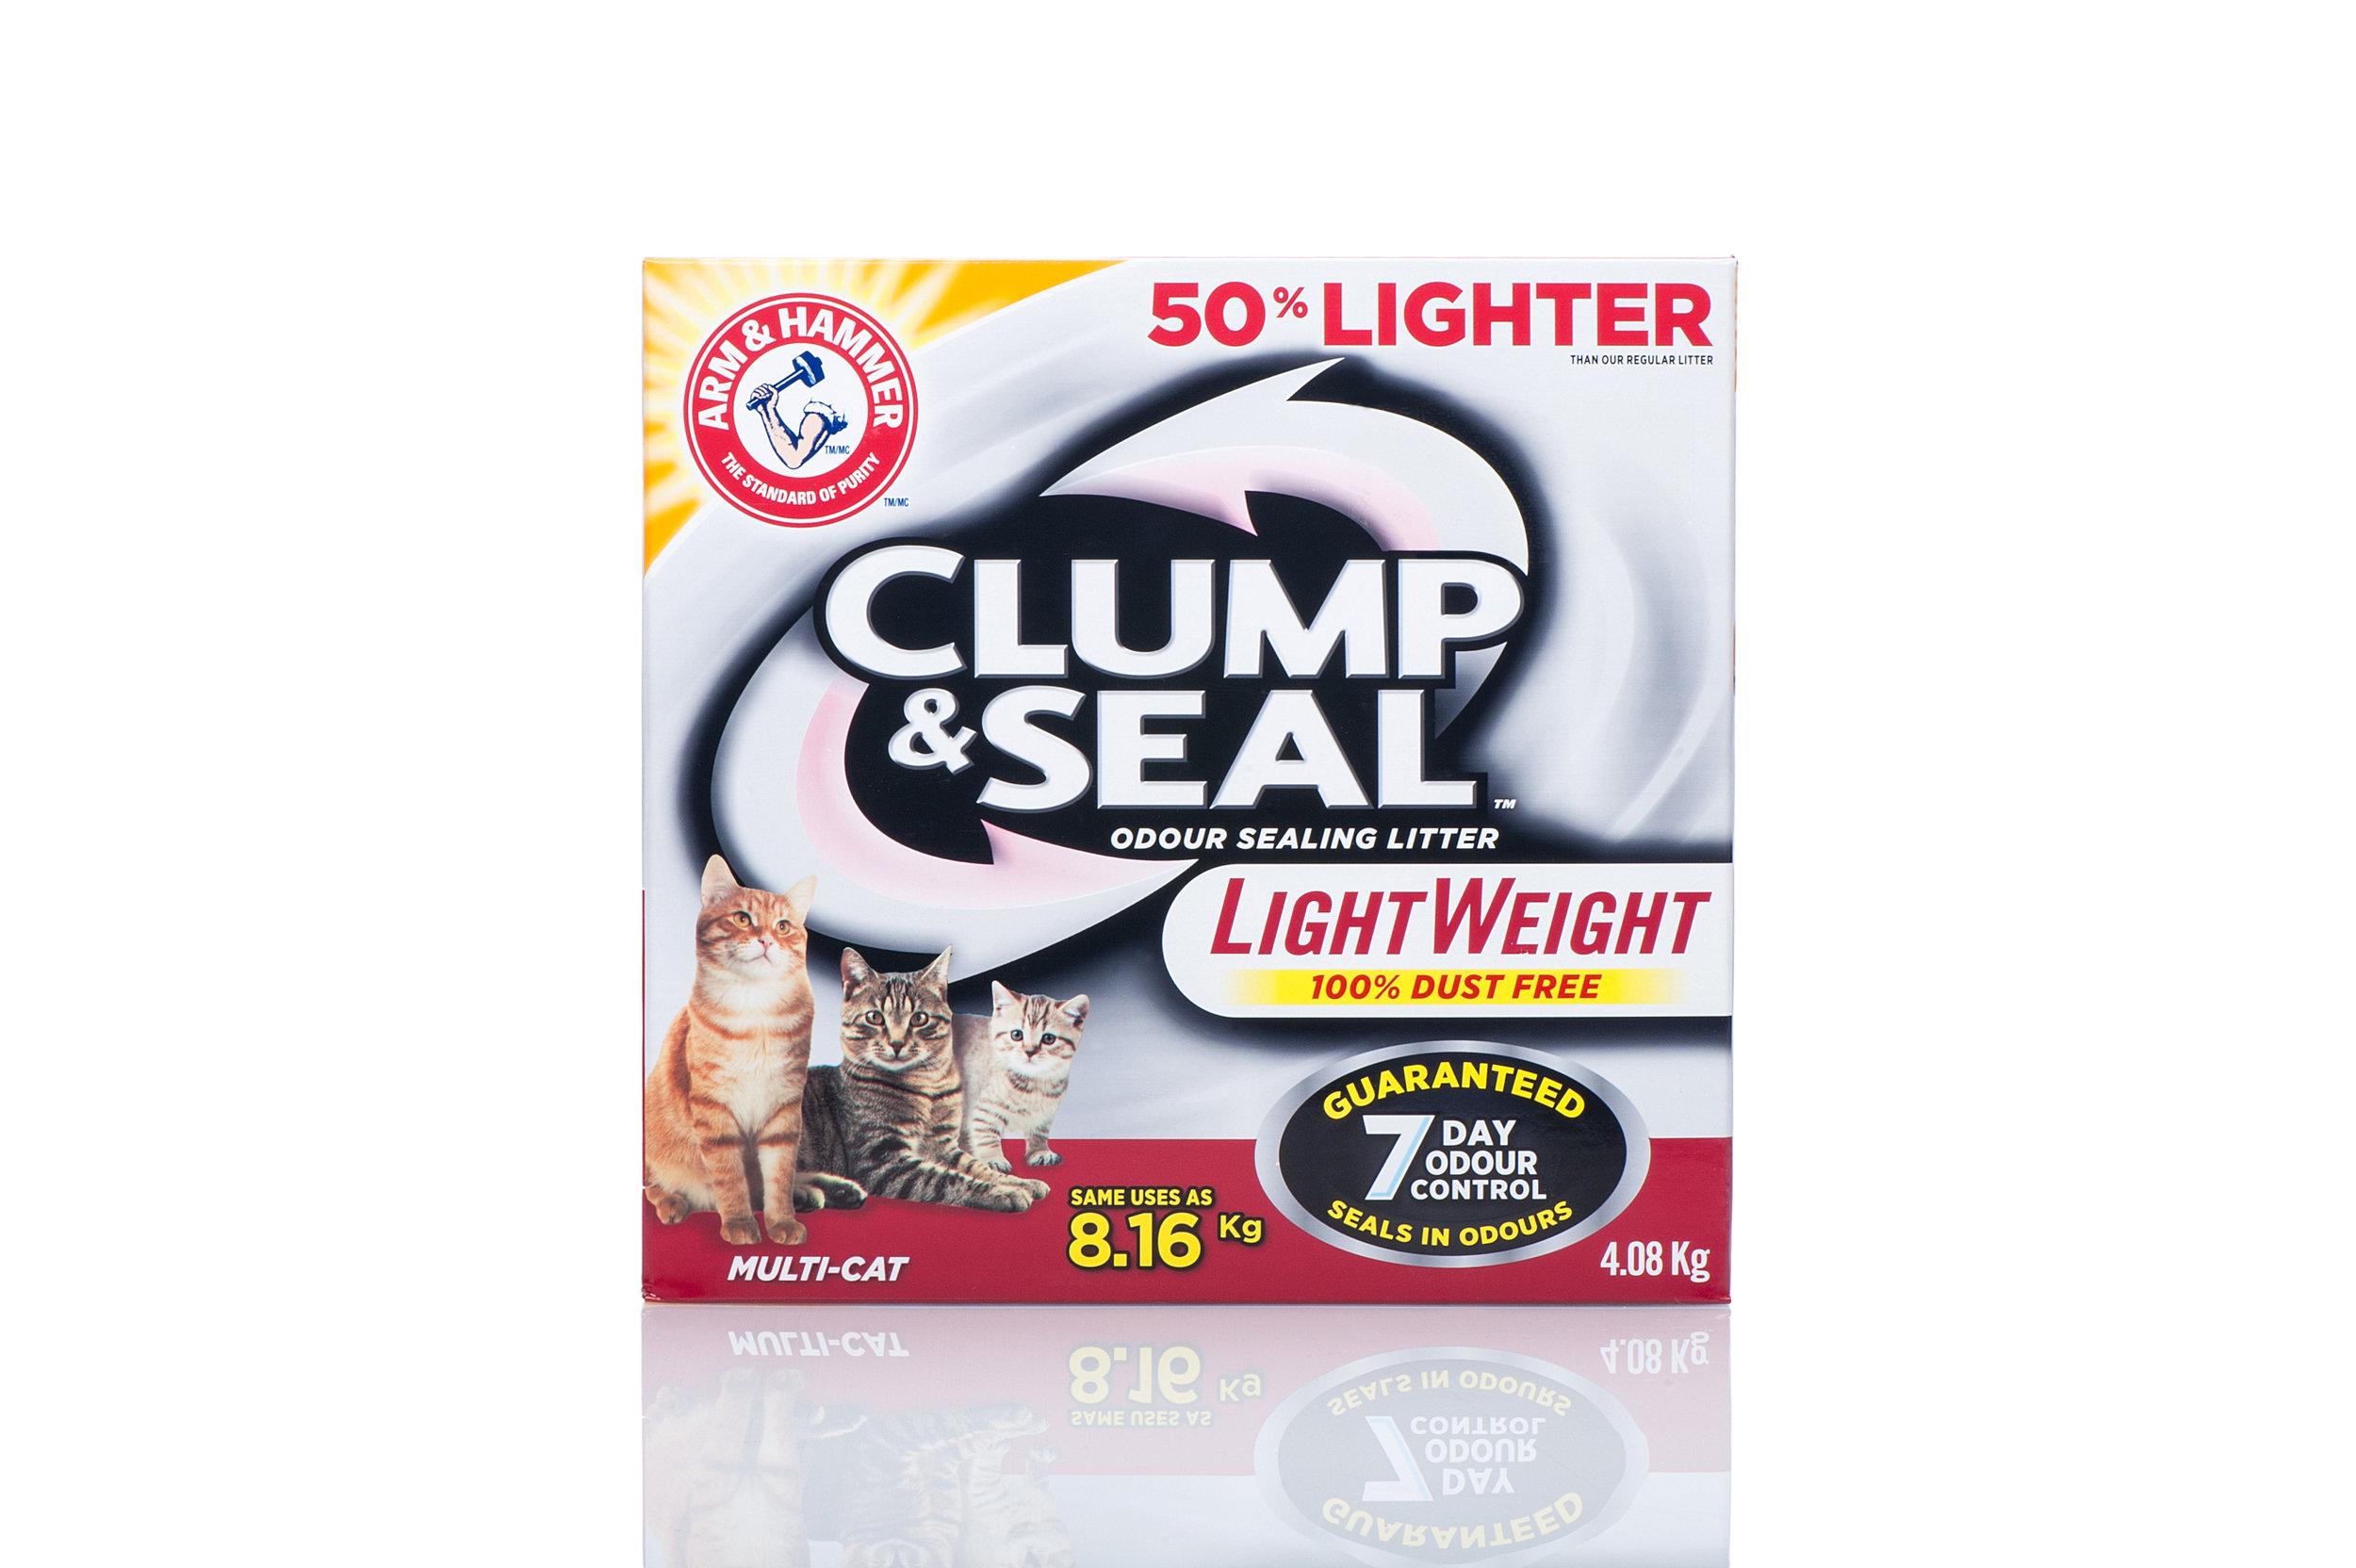 ARM & HAMMER Clump & Seal LightWeight Cat Litter